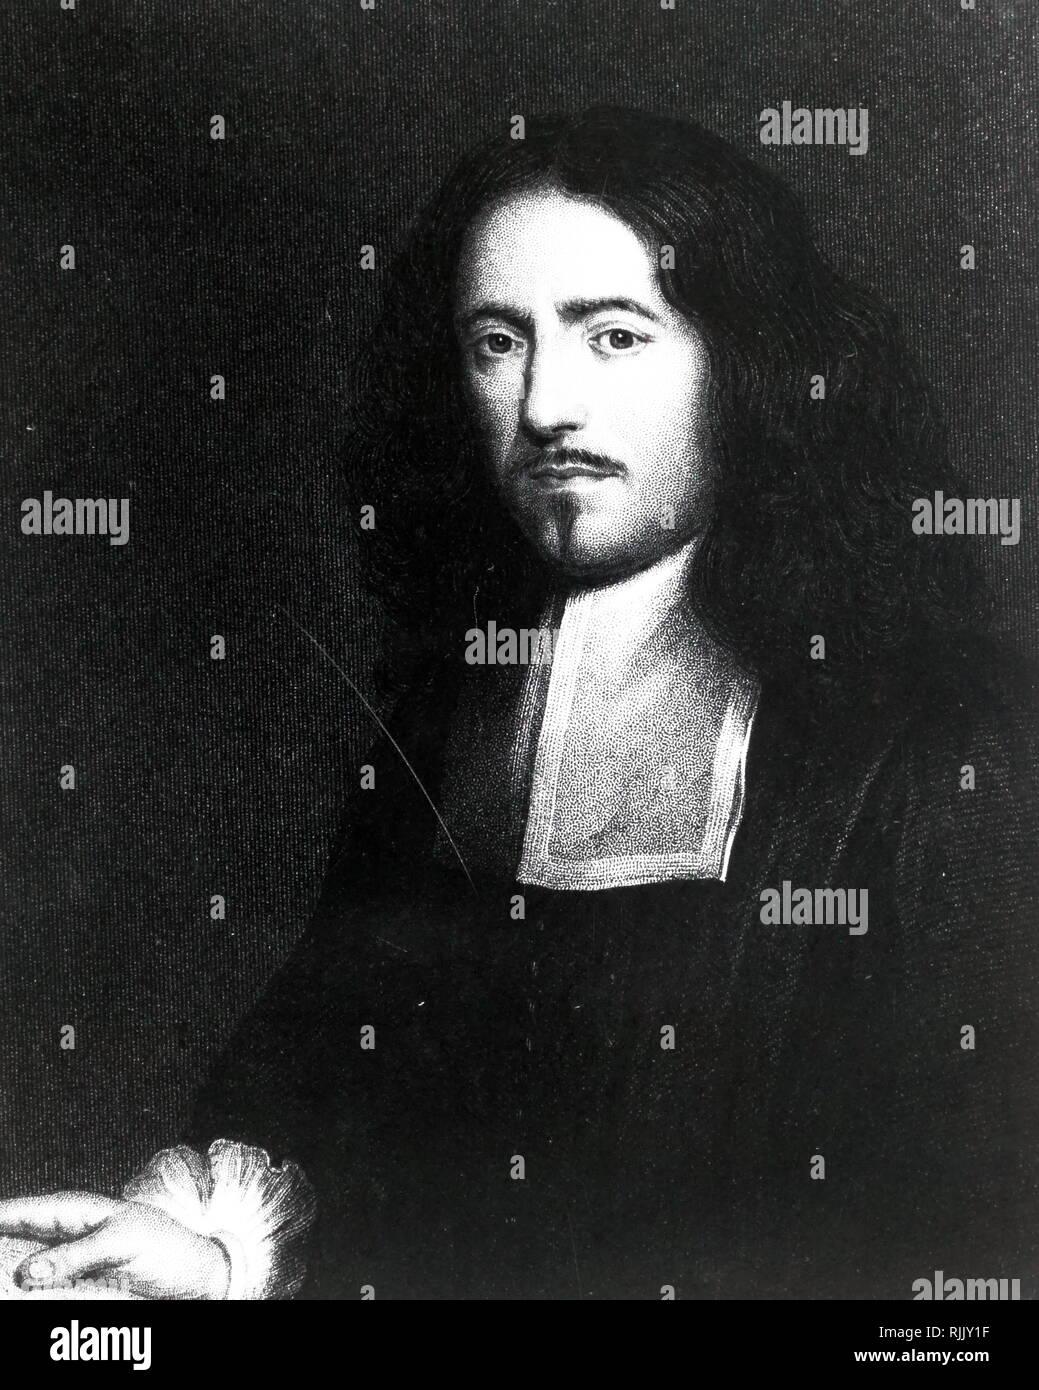 """Retrato de Marcello Malpighi (1628 - 1694); el biólogo y médico italiano, a quien se le conoce como el """"Padre de la anatomía microscópica, histología, fisiología y embriología"""". Imagen De Stock"""